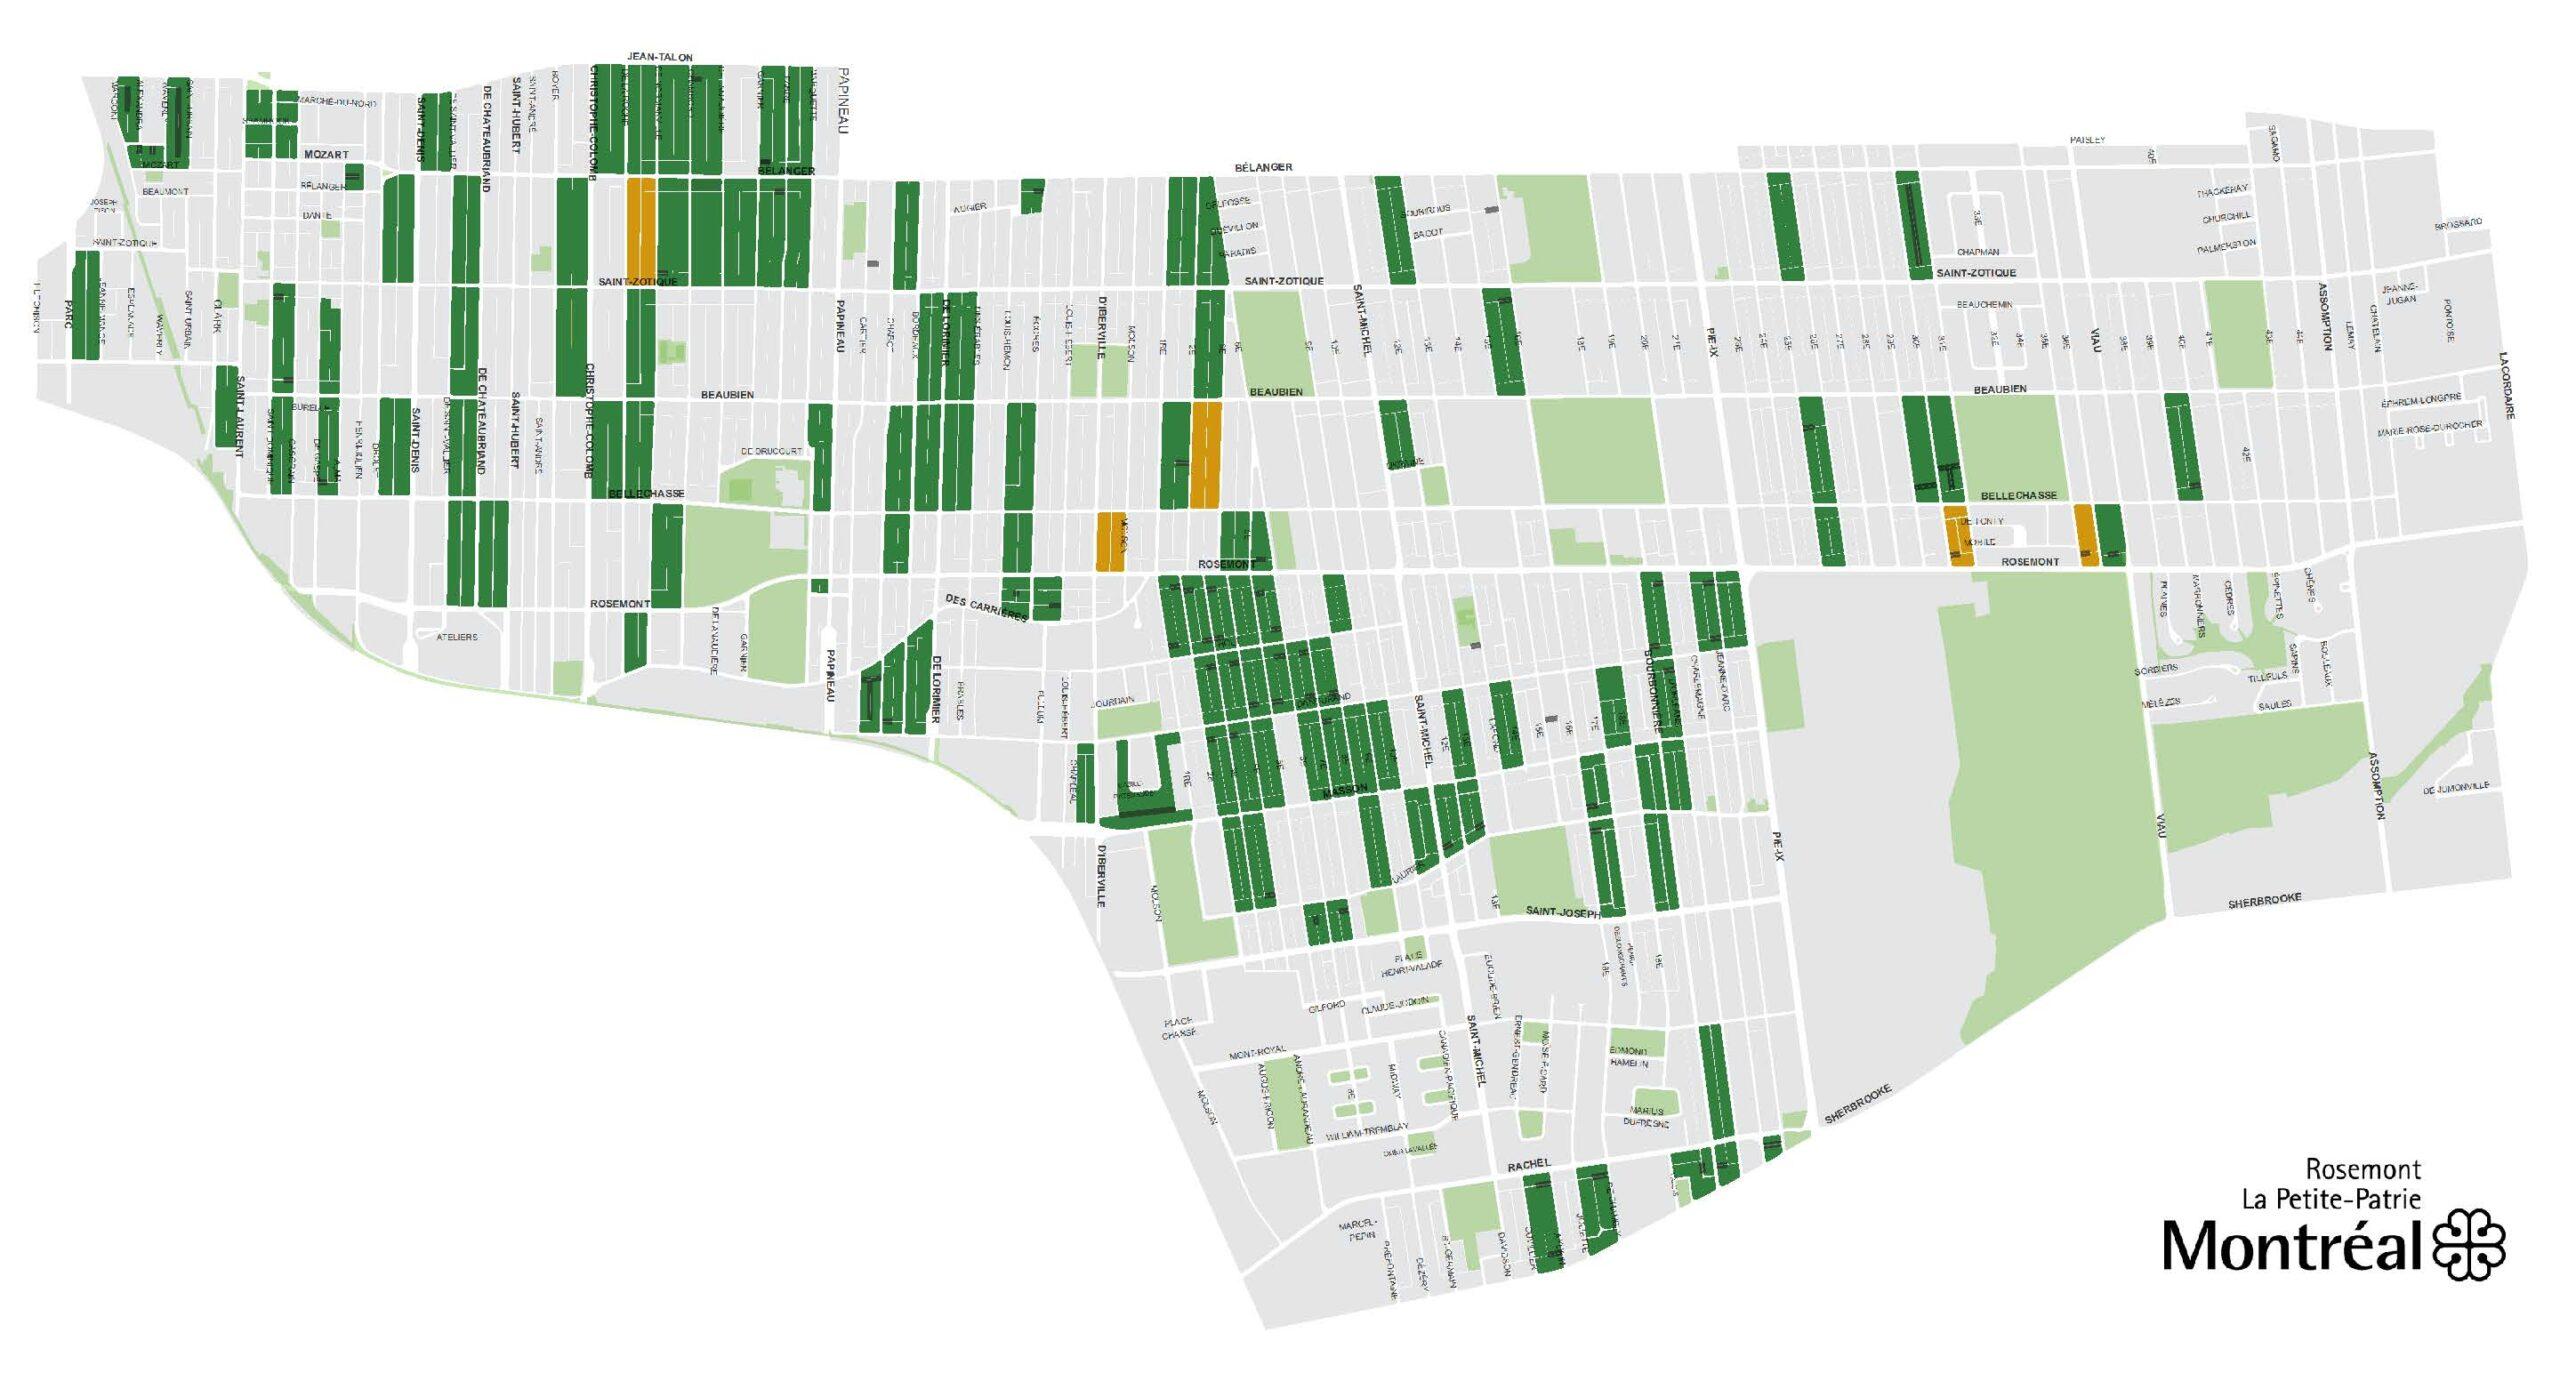 Les 128 ruelles vertes de Rosemont-La Petite-Patrie